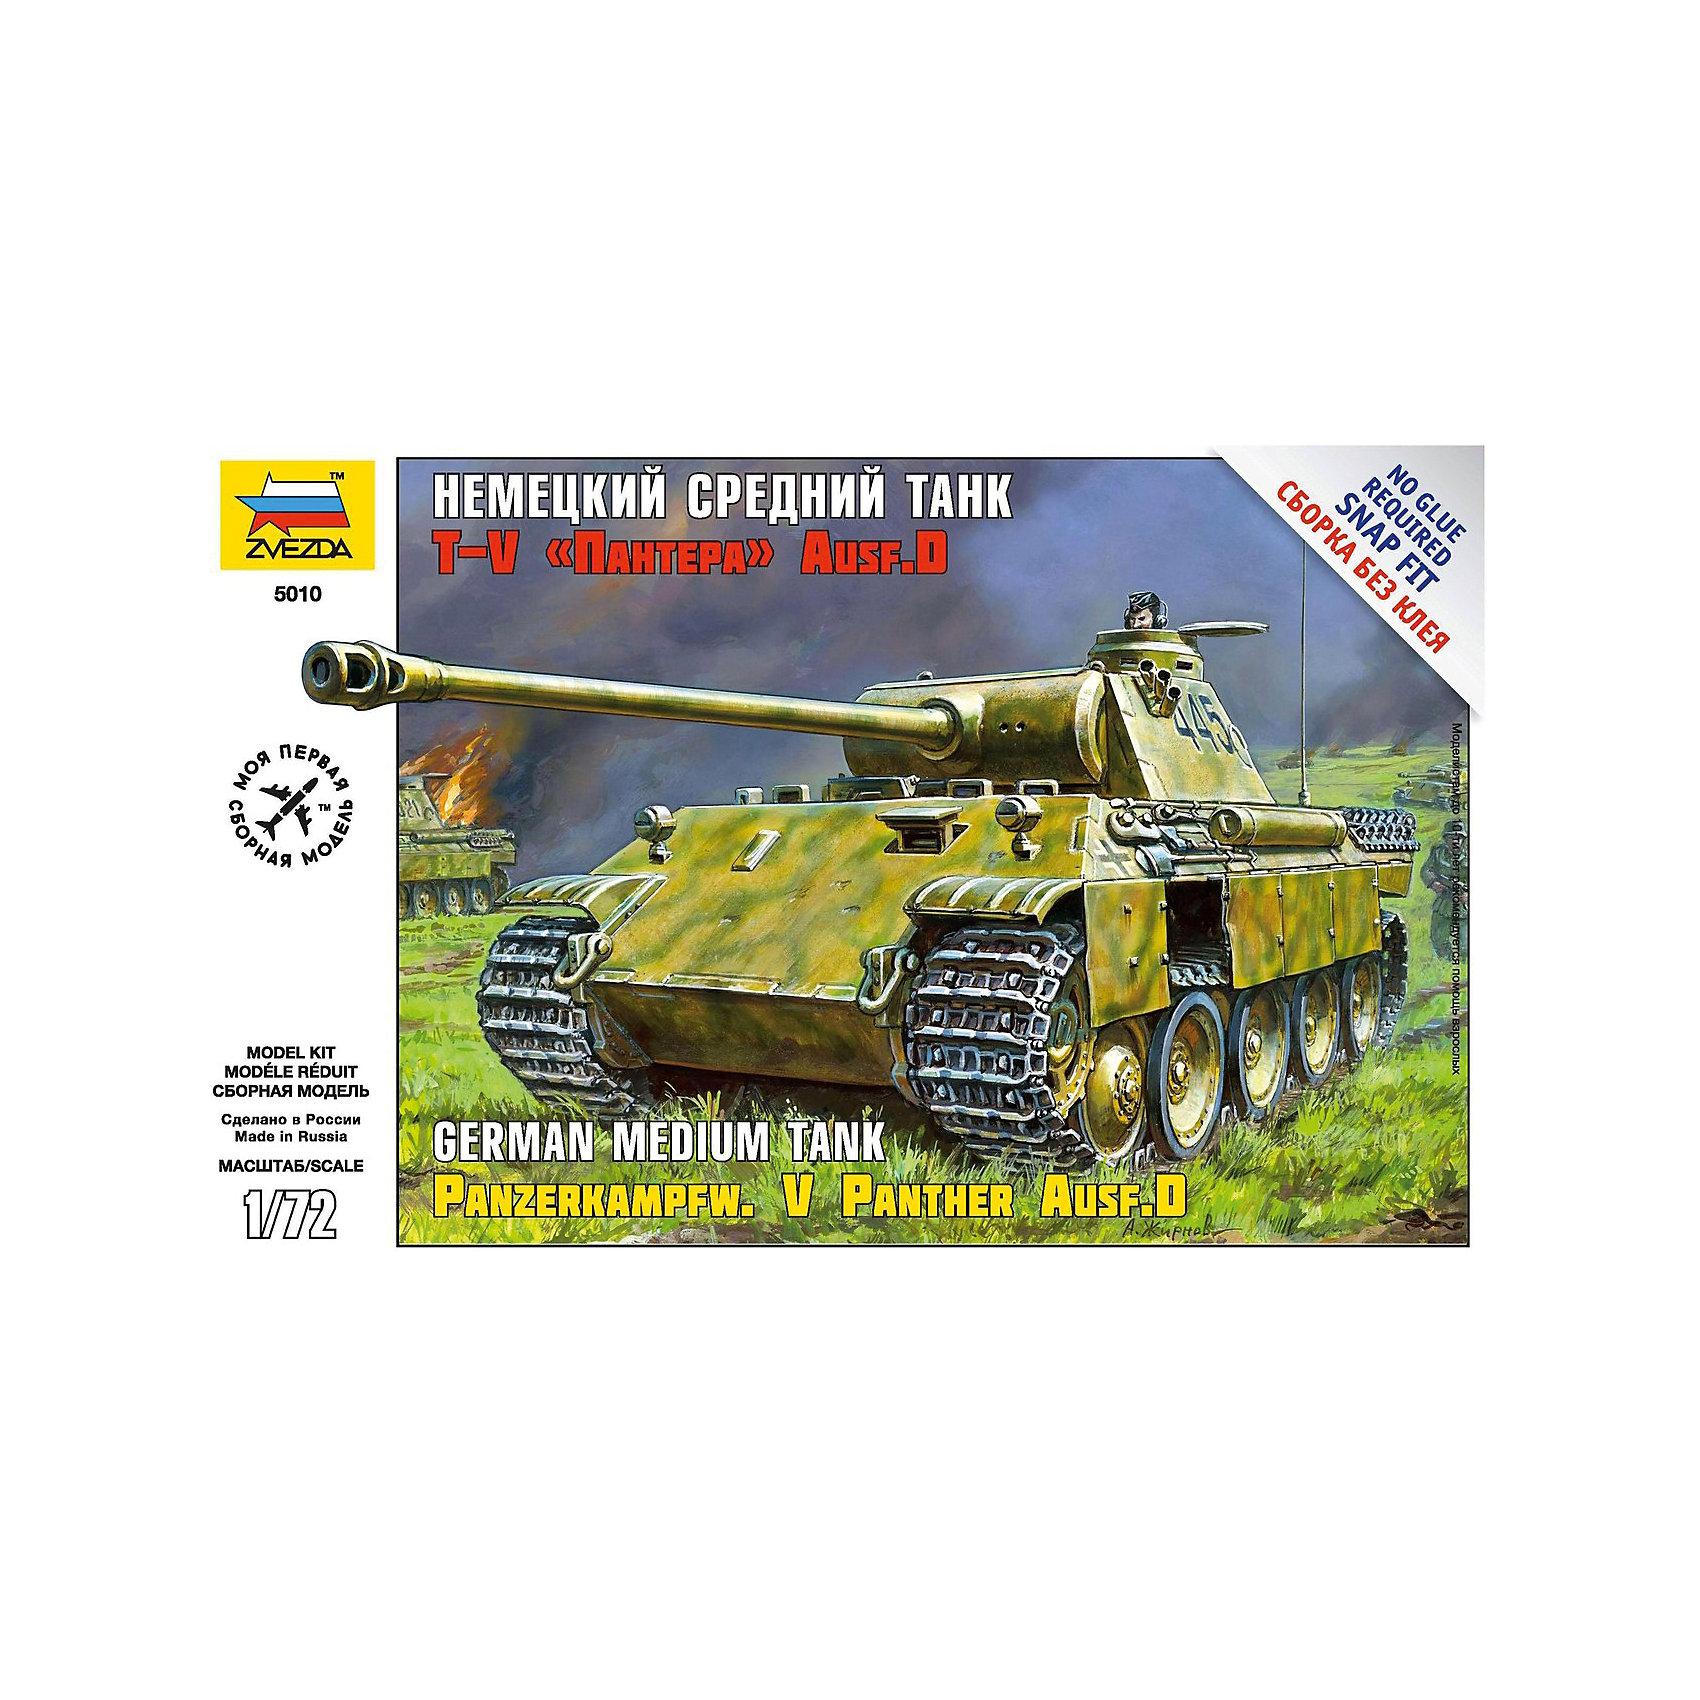 Сборная модель Звезда Немецкий средний танк Пантера T-V Ausf D, 1:72Модели для склеивания<br>Модель сборная Немецкий средний танк Пантера T-V Ausf D<br><br>Ширина мм: 162<br>Глубина мм: 258<br>Высота мм: 38<br>Вес г: 125<br>Возраст от месяцев: 36<br>Возраст до месяцев: 180<br>Пол: Мужской<br>Возраст: Детский<br>SKU: 7086445